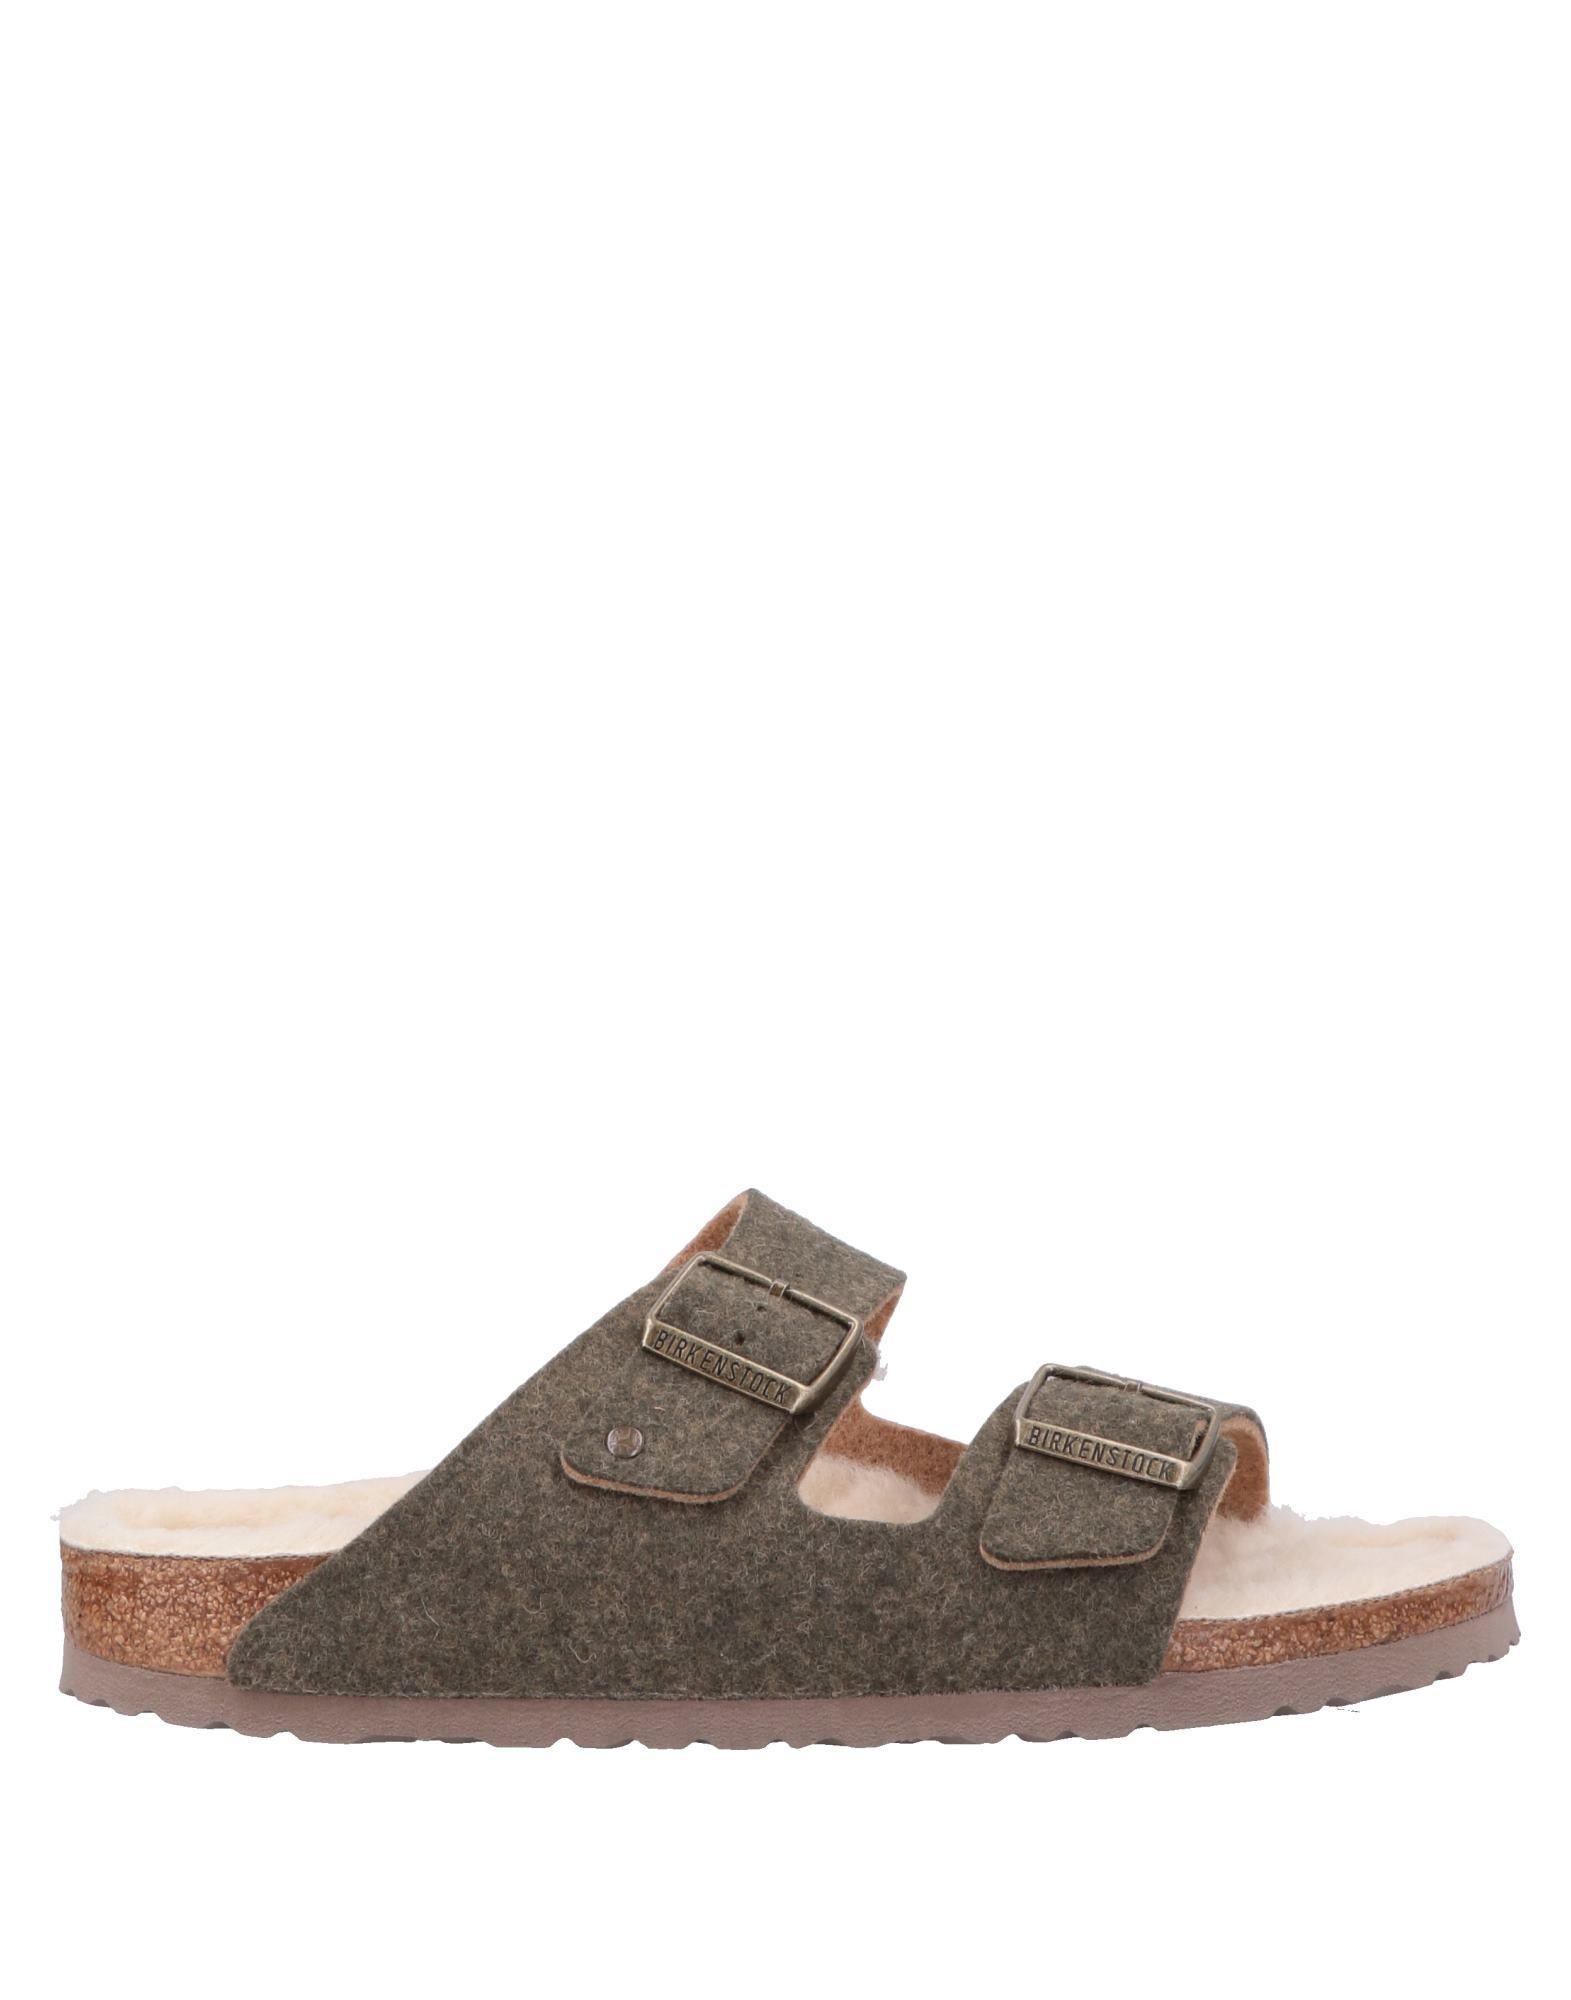 911e7ae612c4 Lyst - Birkenstock Sandals in Green for Men